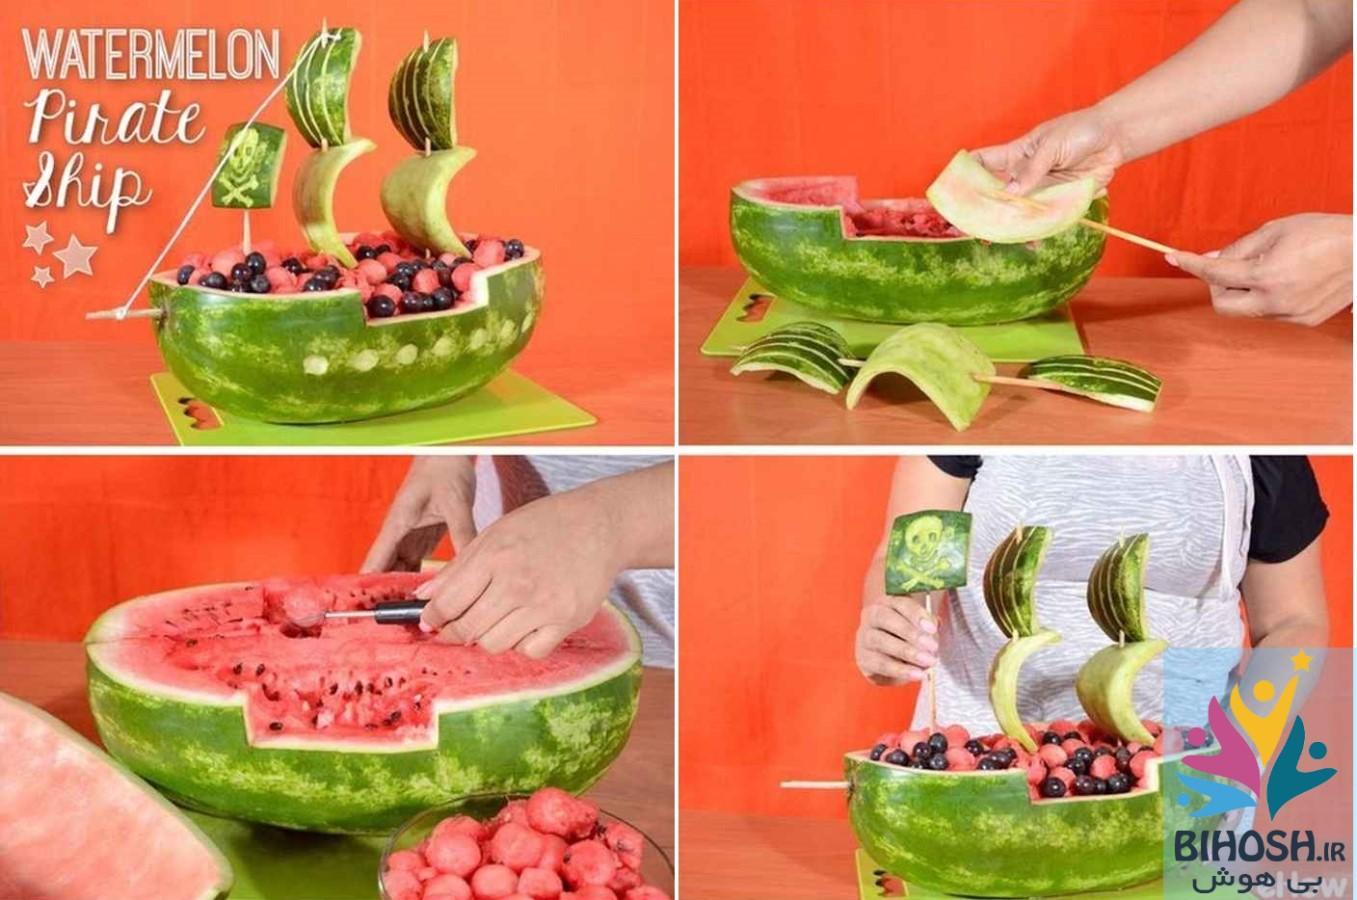 آموزش میوه آرایی سبد میوه با هندوانه طرح کشتی